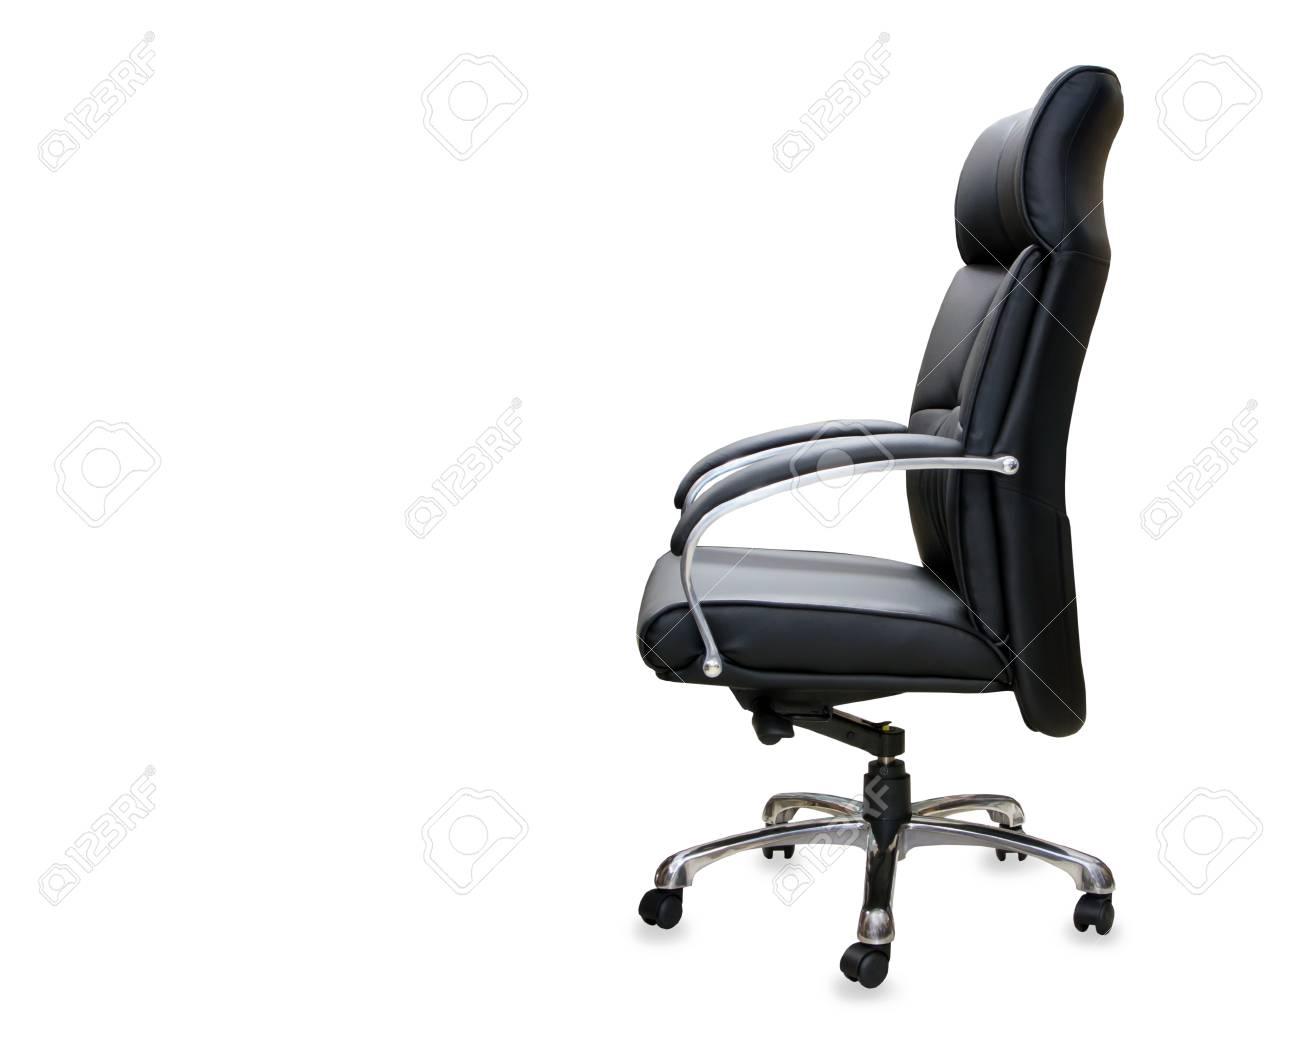 La poltrona da ufficio in pelle nera isolato foto royalty free